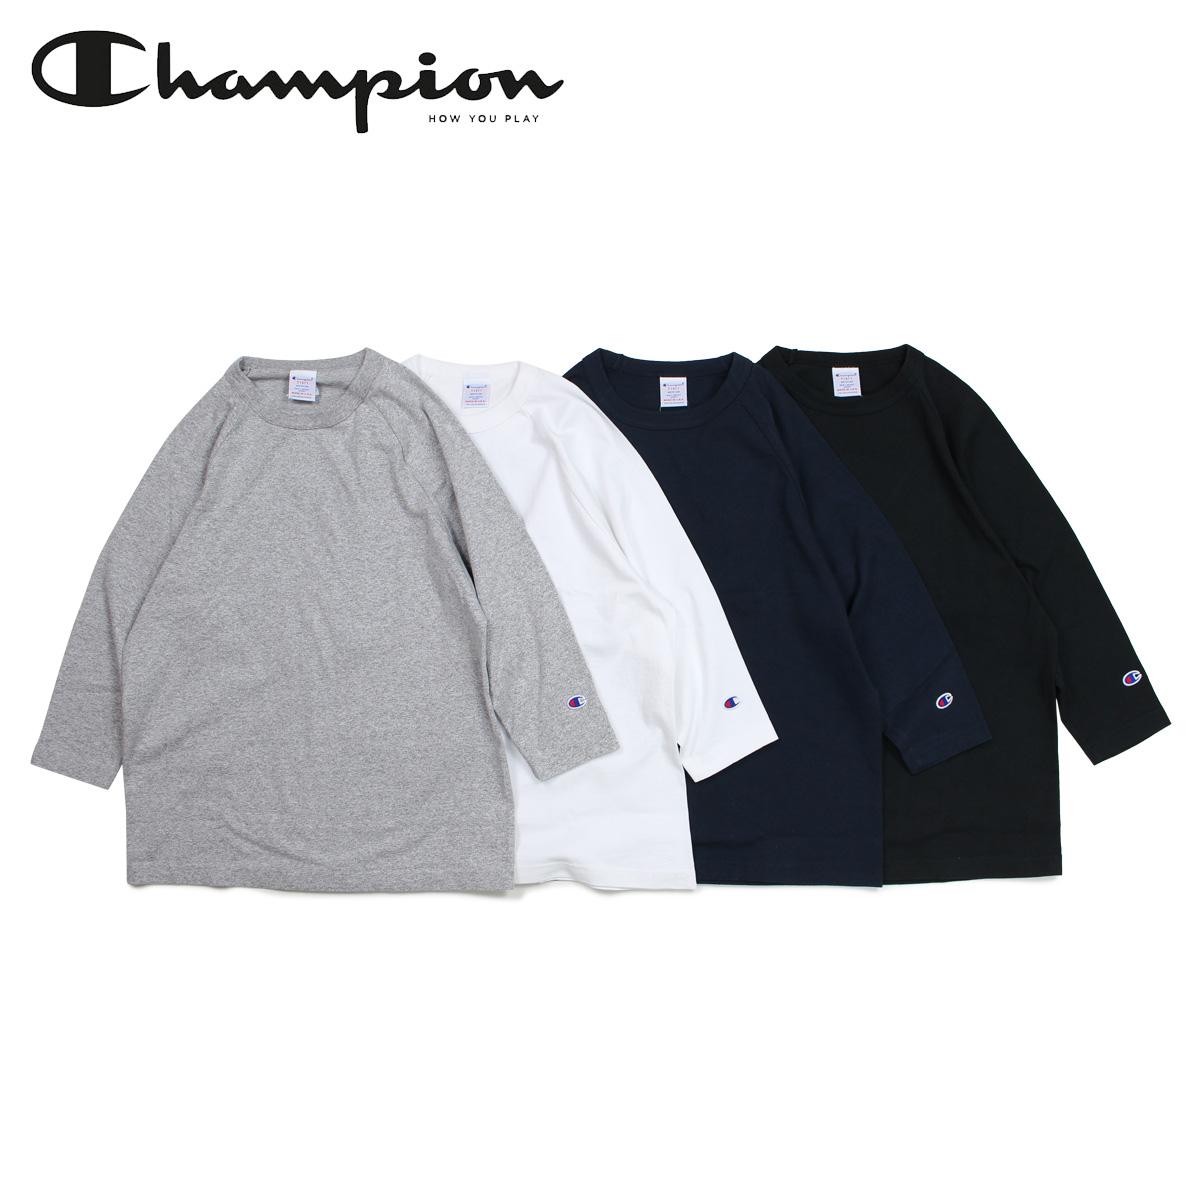 チャンピオン Champion Tシャツ ラグラン 七分袖 メンズ レディース T1011 RAGLAN 3/4 SLEEVE T-SHIRT ブラック ホワイト グレー ネイビー 黒 白 C5-P404 [予約商品 12/20頃入荷予定 追加入荷]